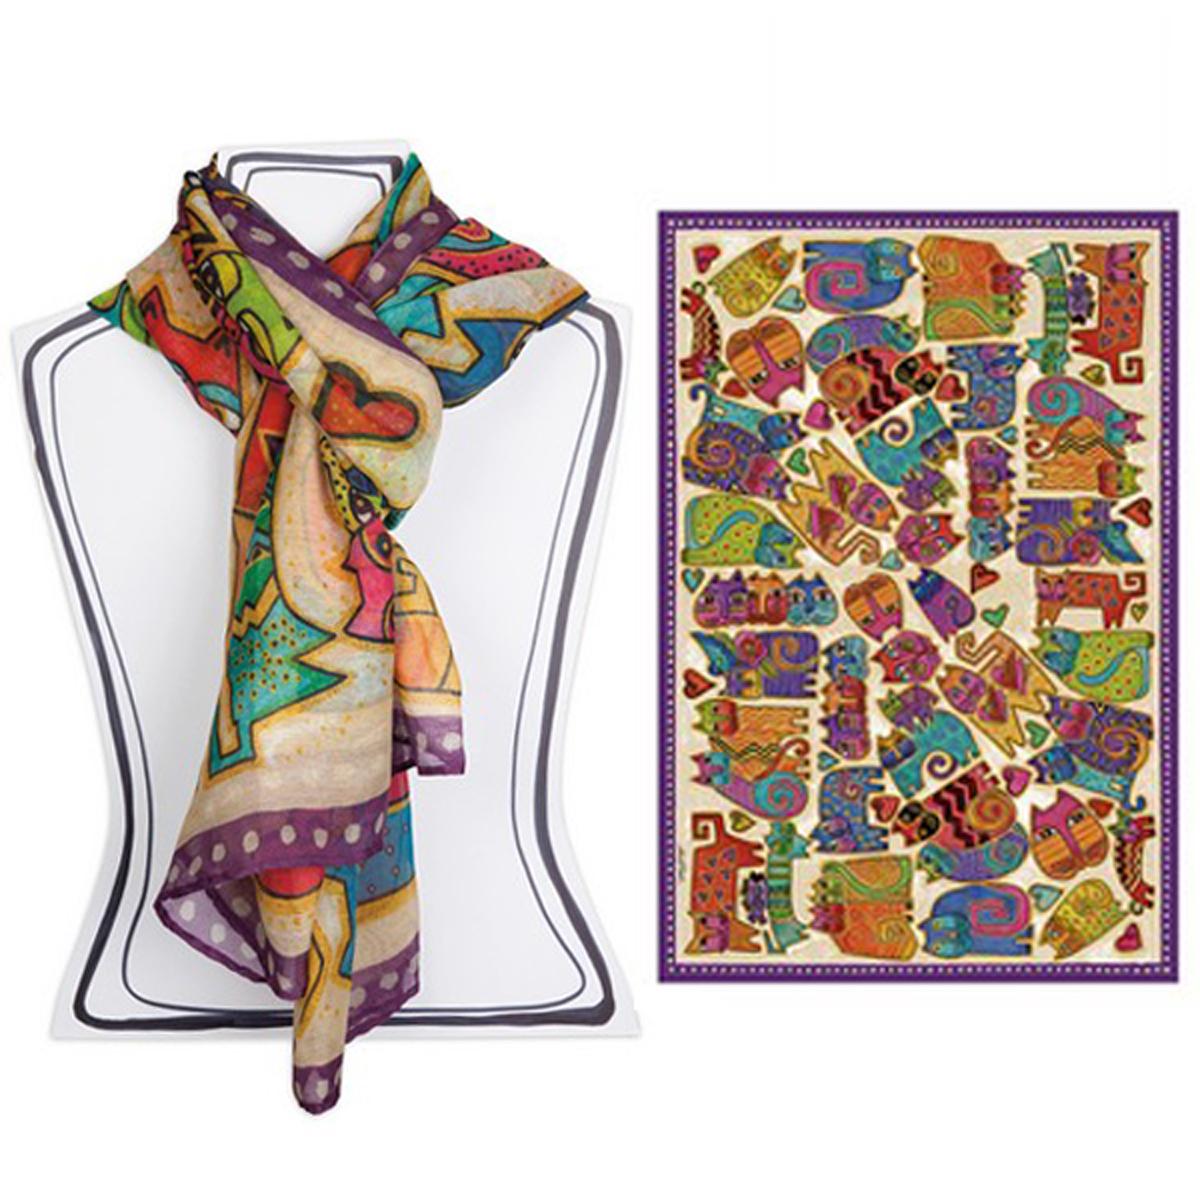 Foulard créateur \'Laurel Burch\' multicolore (chats) - 180x110 cm - [A2669]